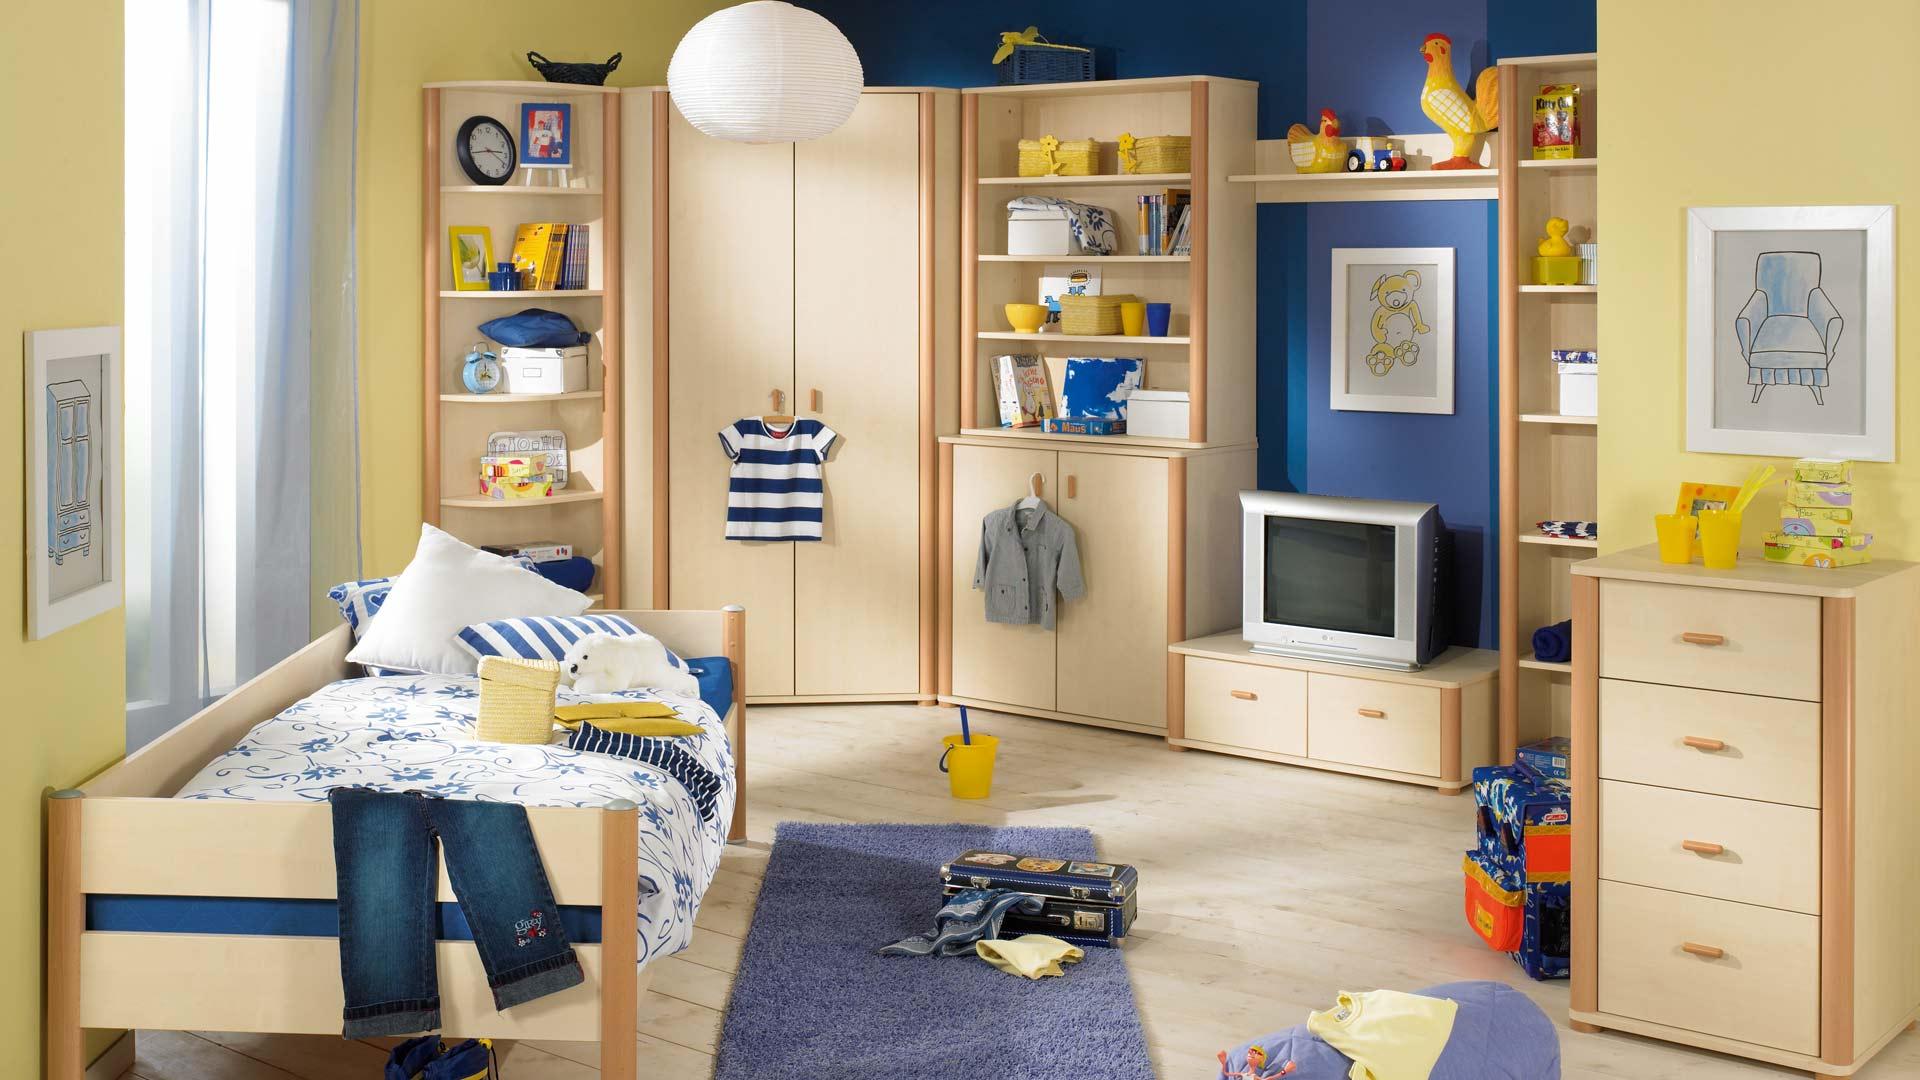 Бежевая мебель в морском стиле в комнате для мальчика